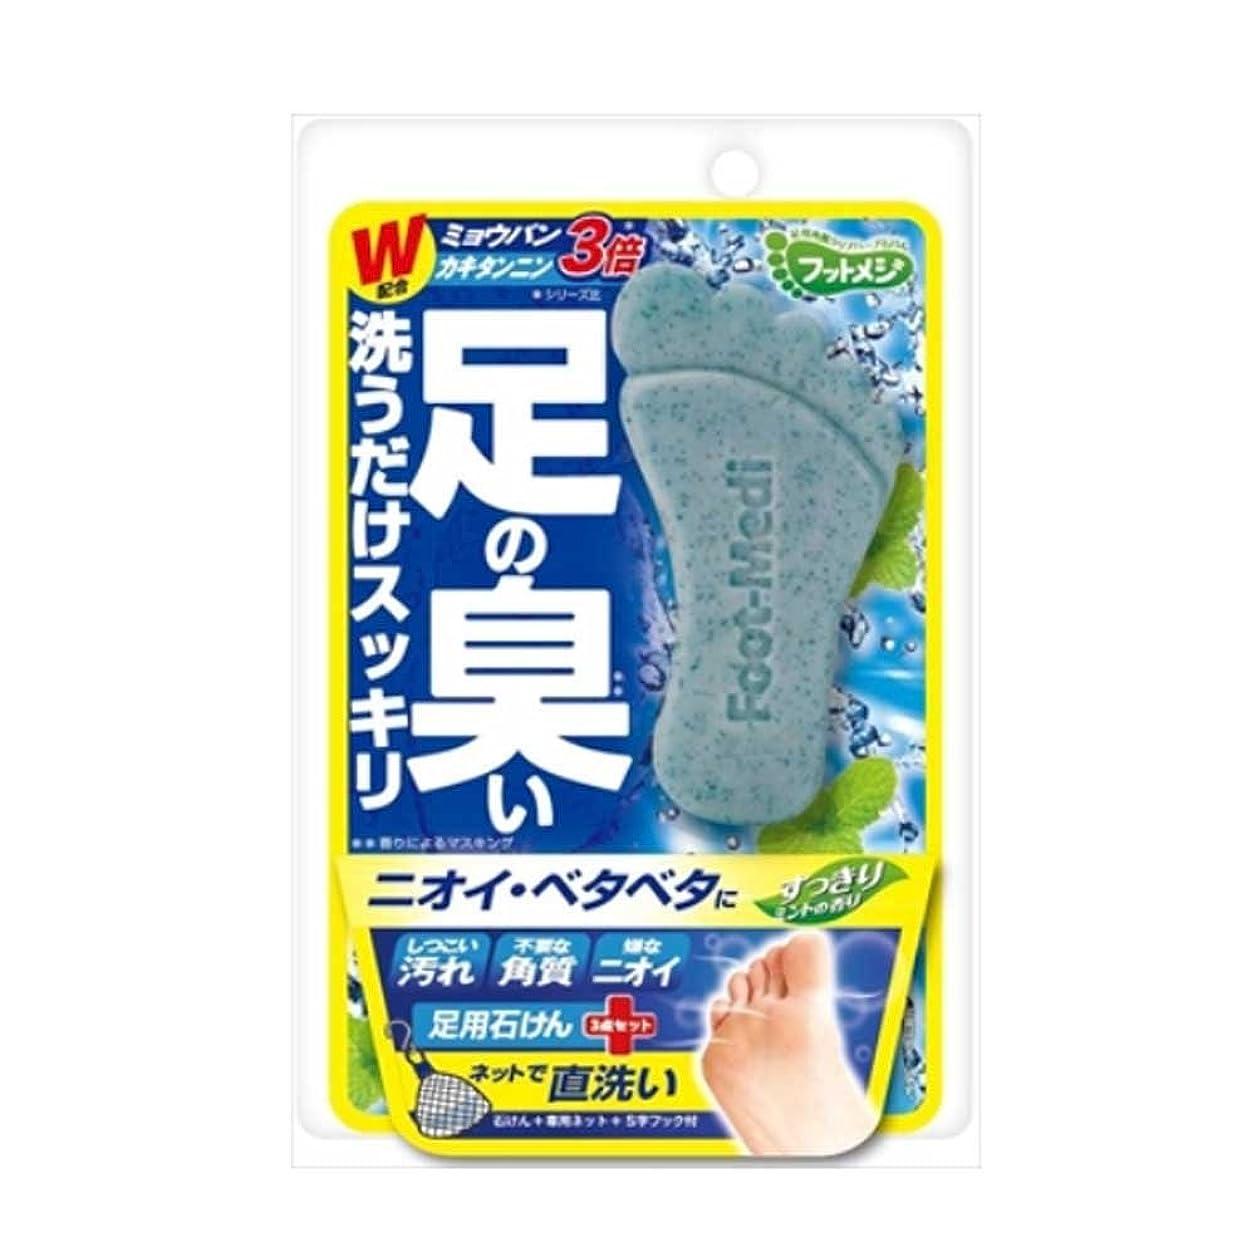 電極頭痛マーガレットミッチェルフットメジ 足用角質クリアハーブ石けん すっきりミント 60g 3個セット